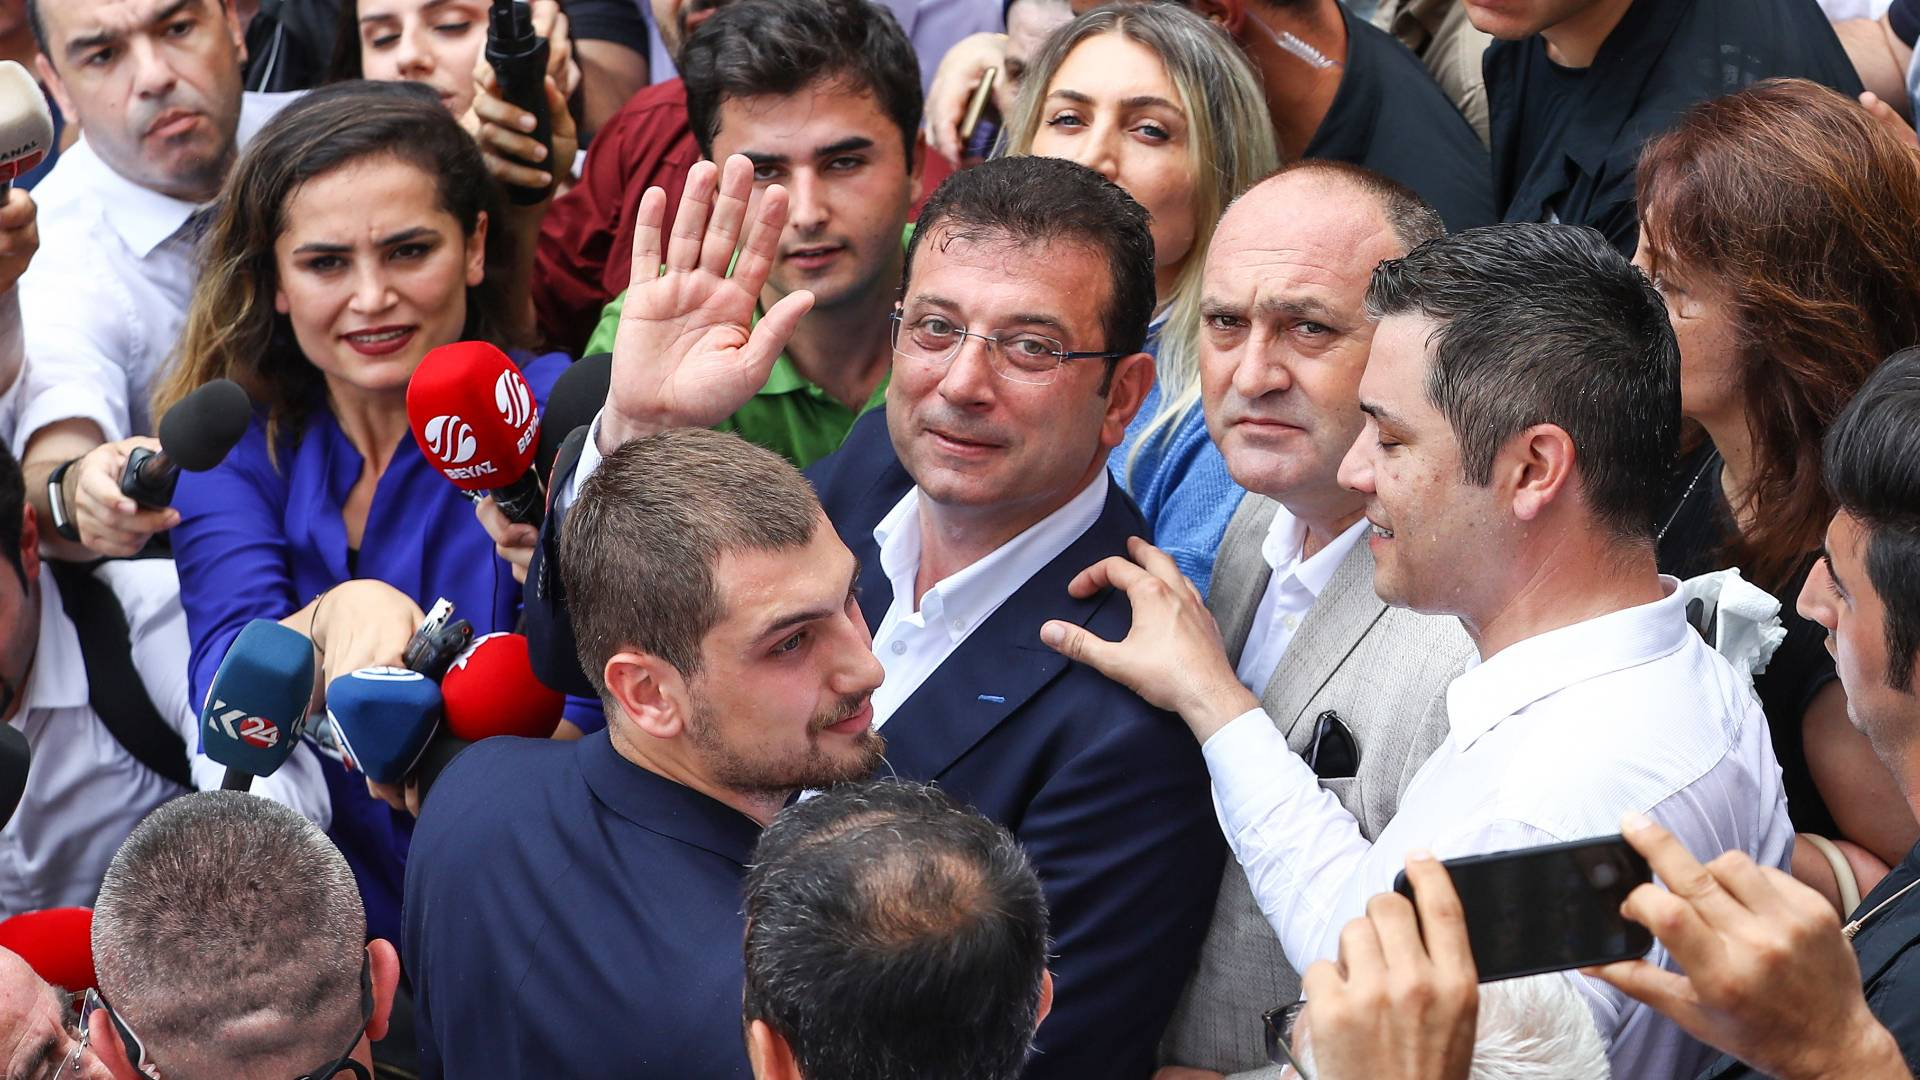 La Oposición En Estambul Acabó Con 25 Años De Gobierno Islamista